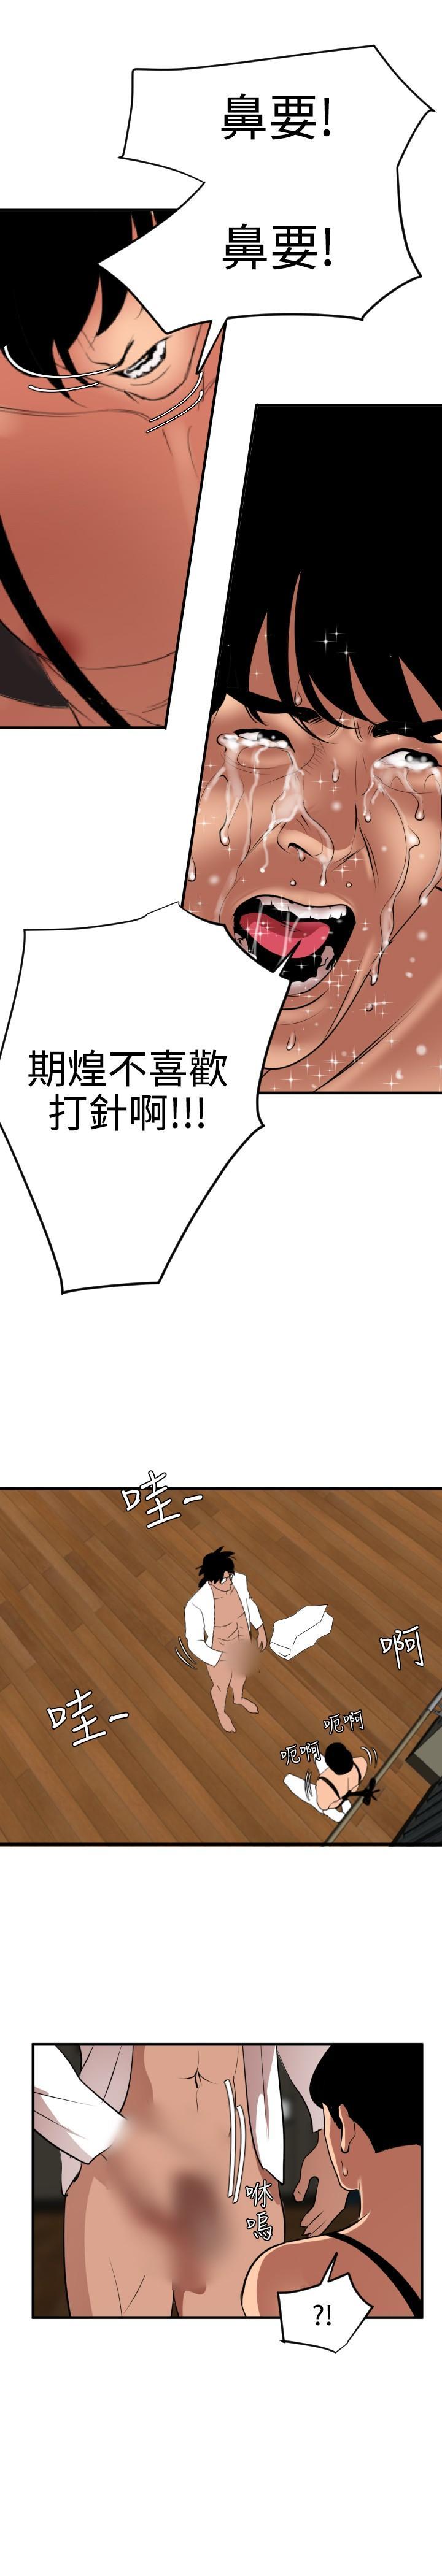 Desire King 欲求王 Ch.41~47 29